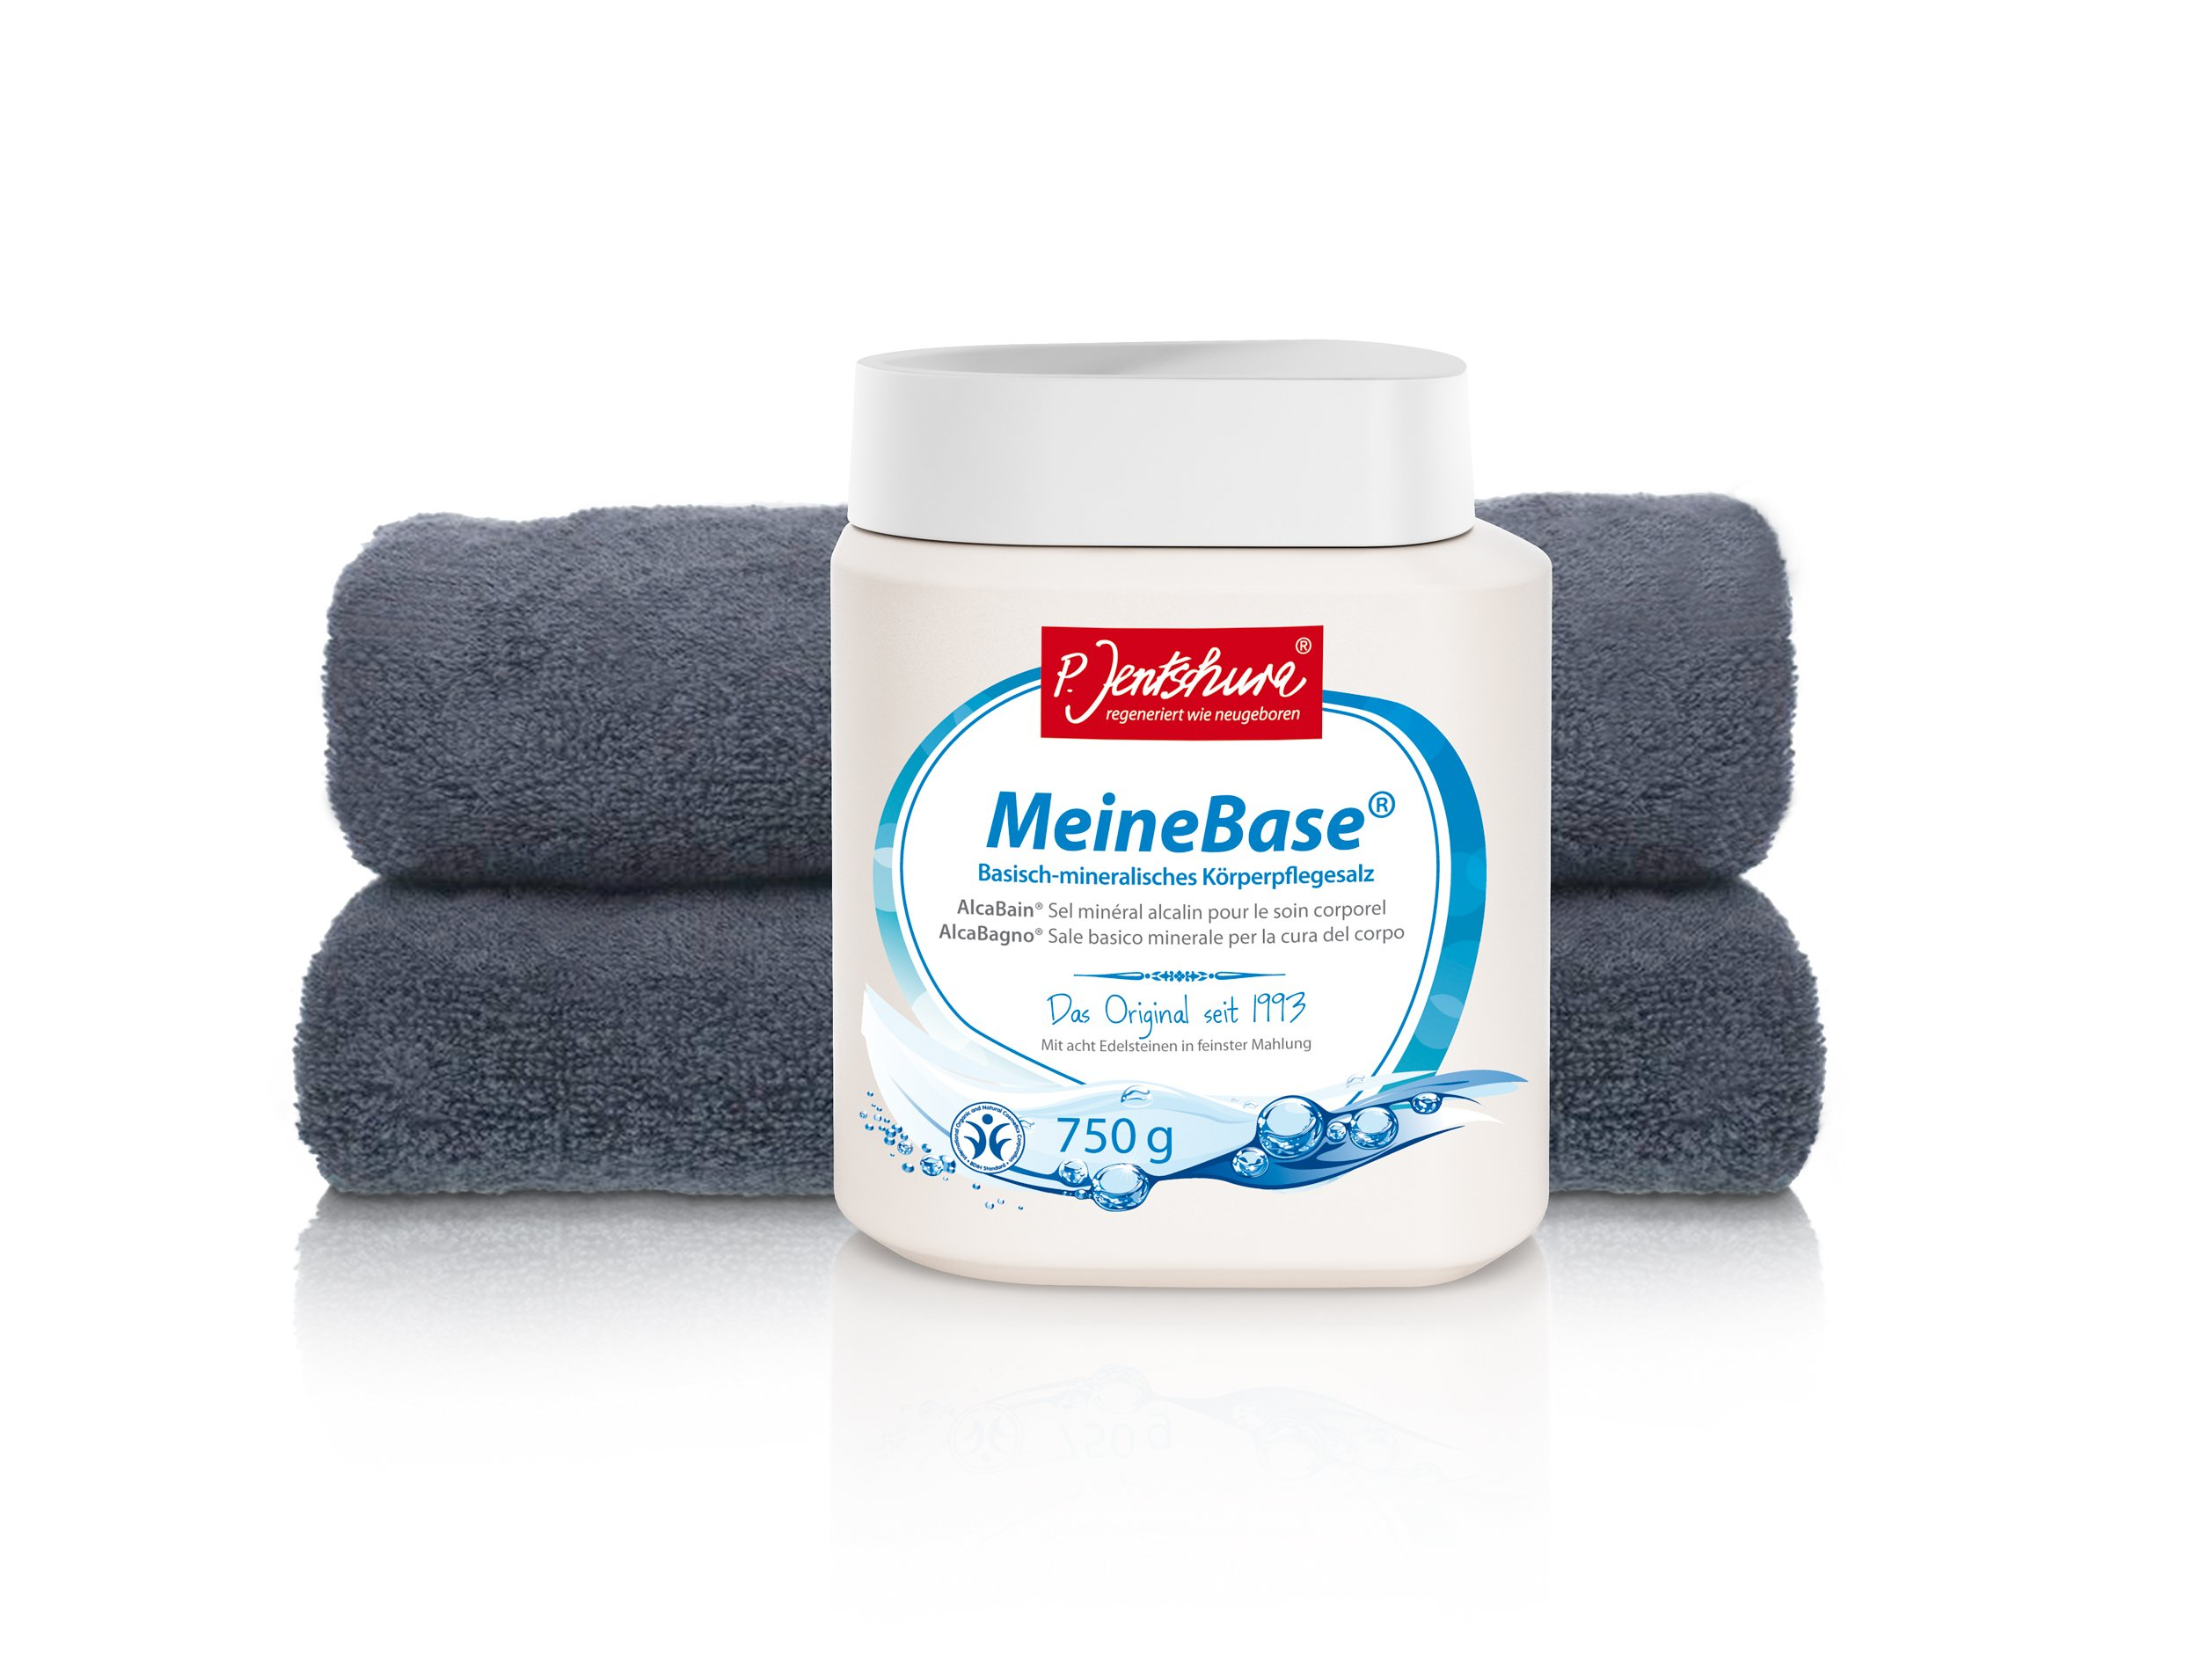 P. Jentschura MeineBase® - 750g